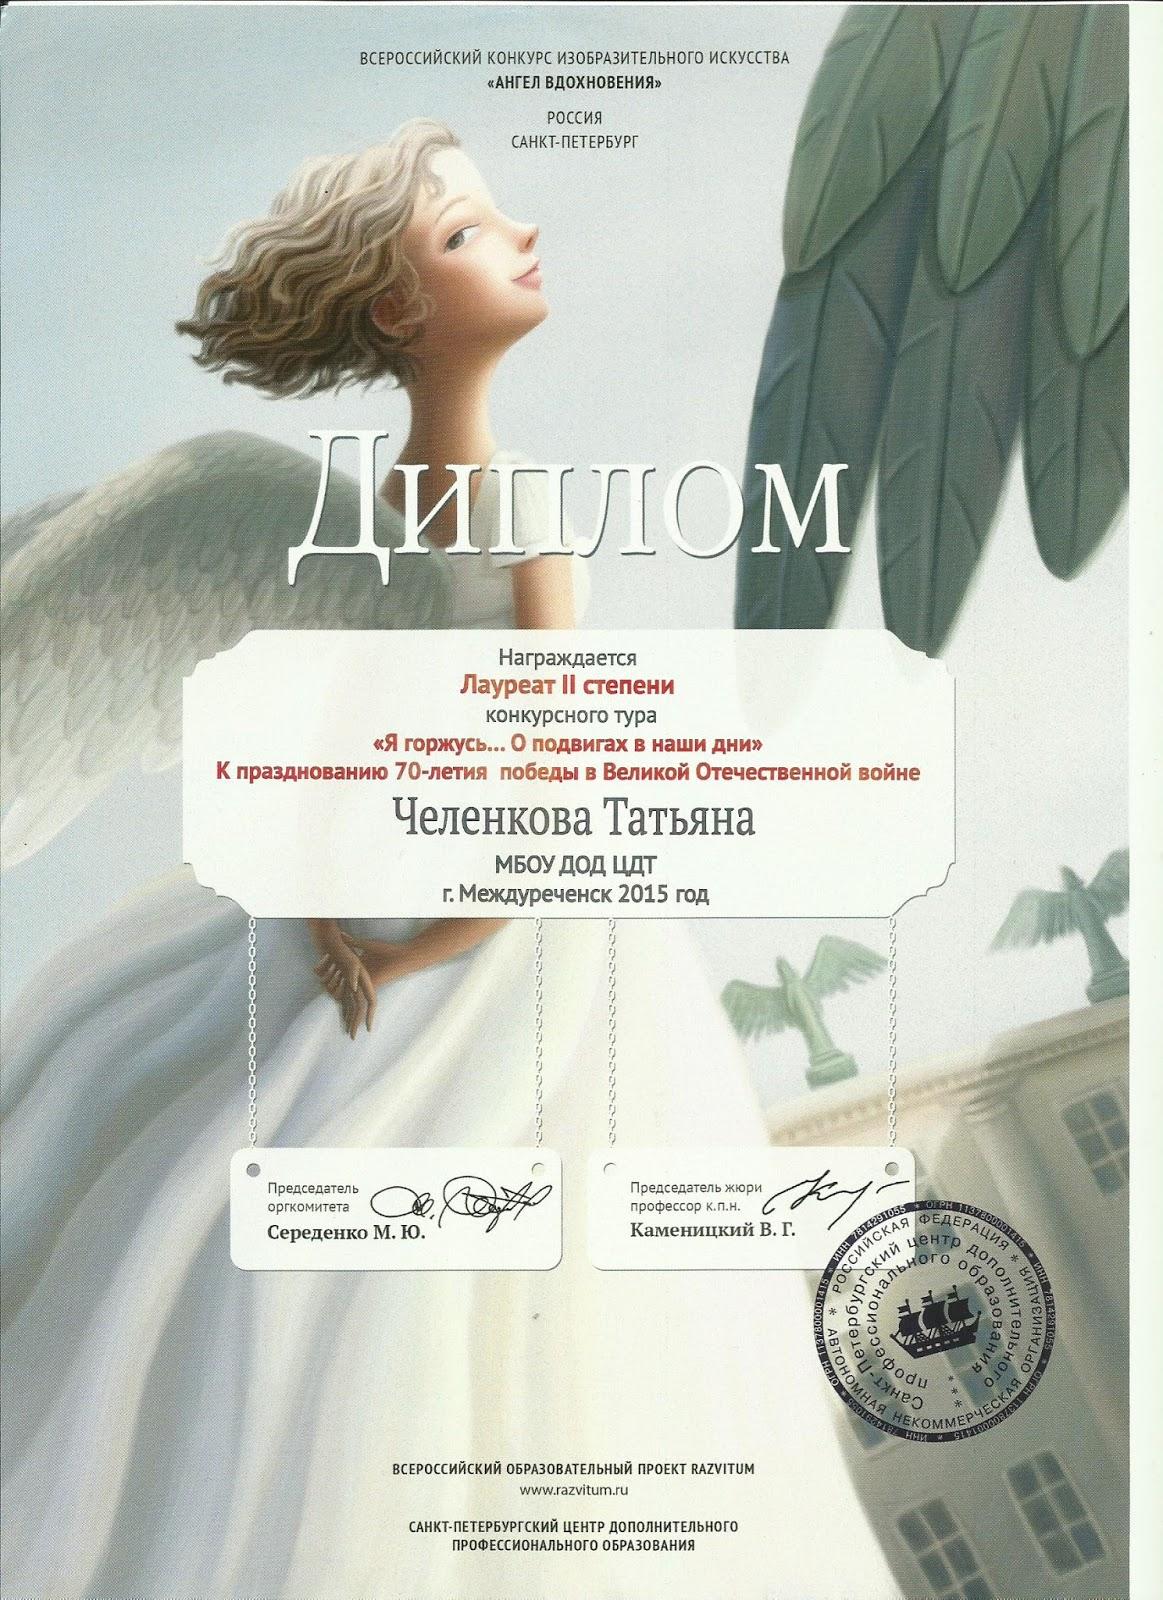 Всероссийский конкурс изобразительного искусства